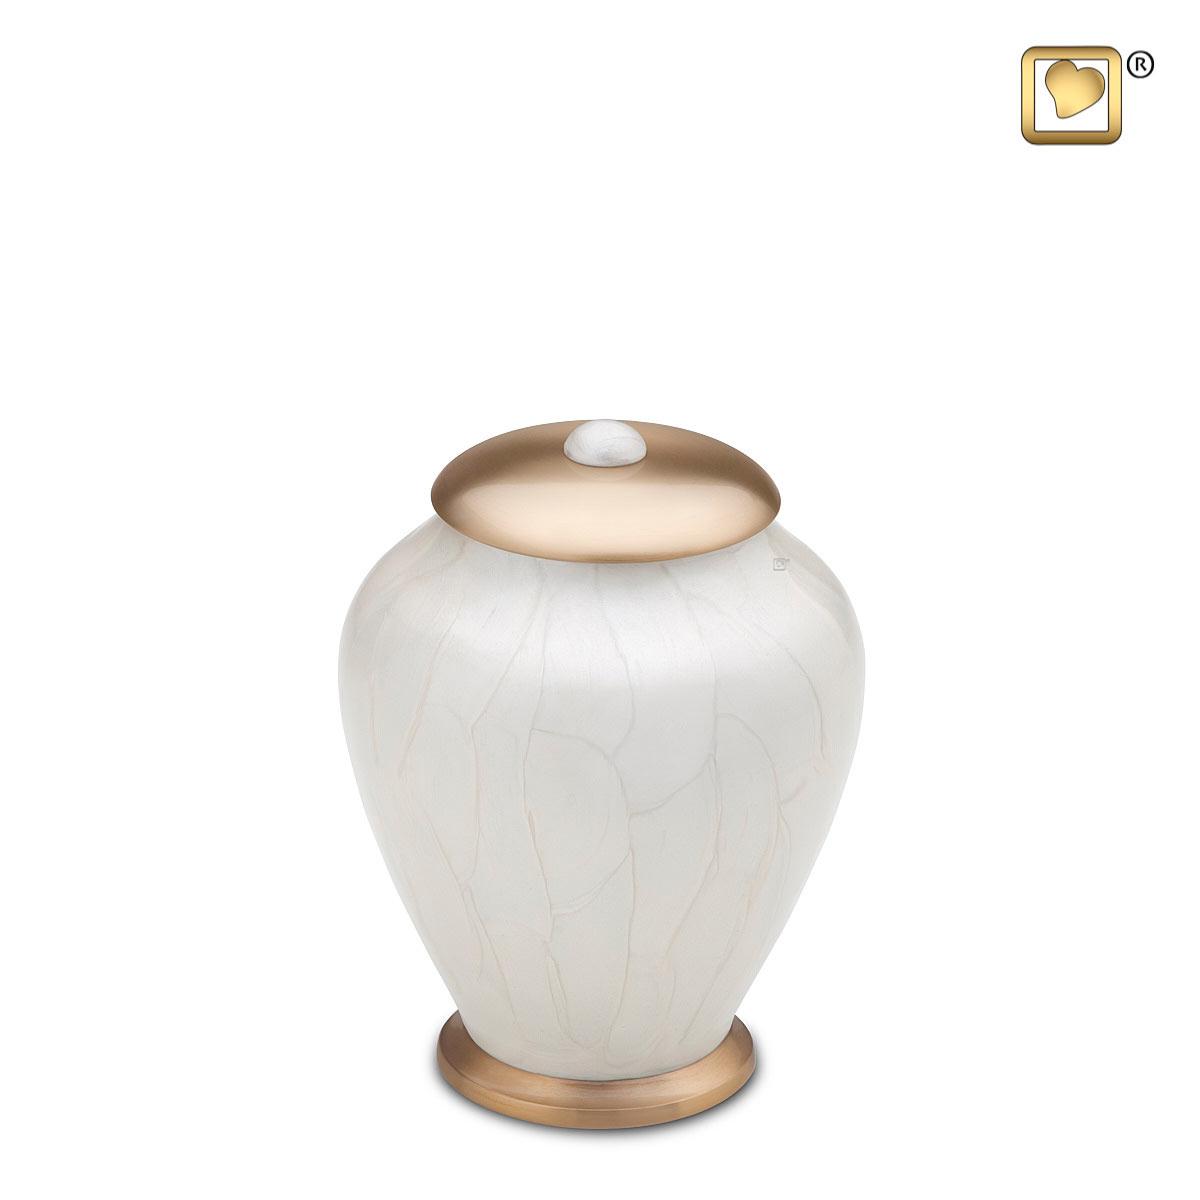 Kleine LoveUrns Simplicity Urn Witmarmer (0.8 liter)